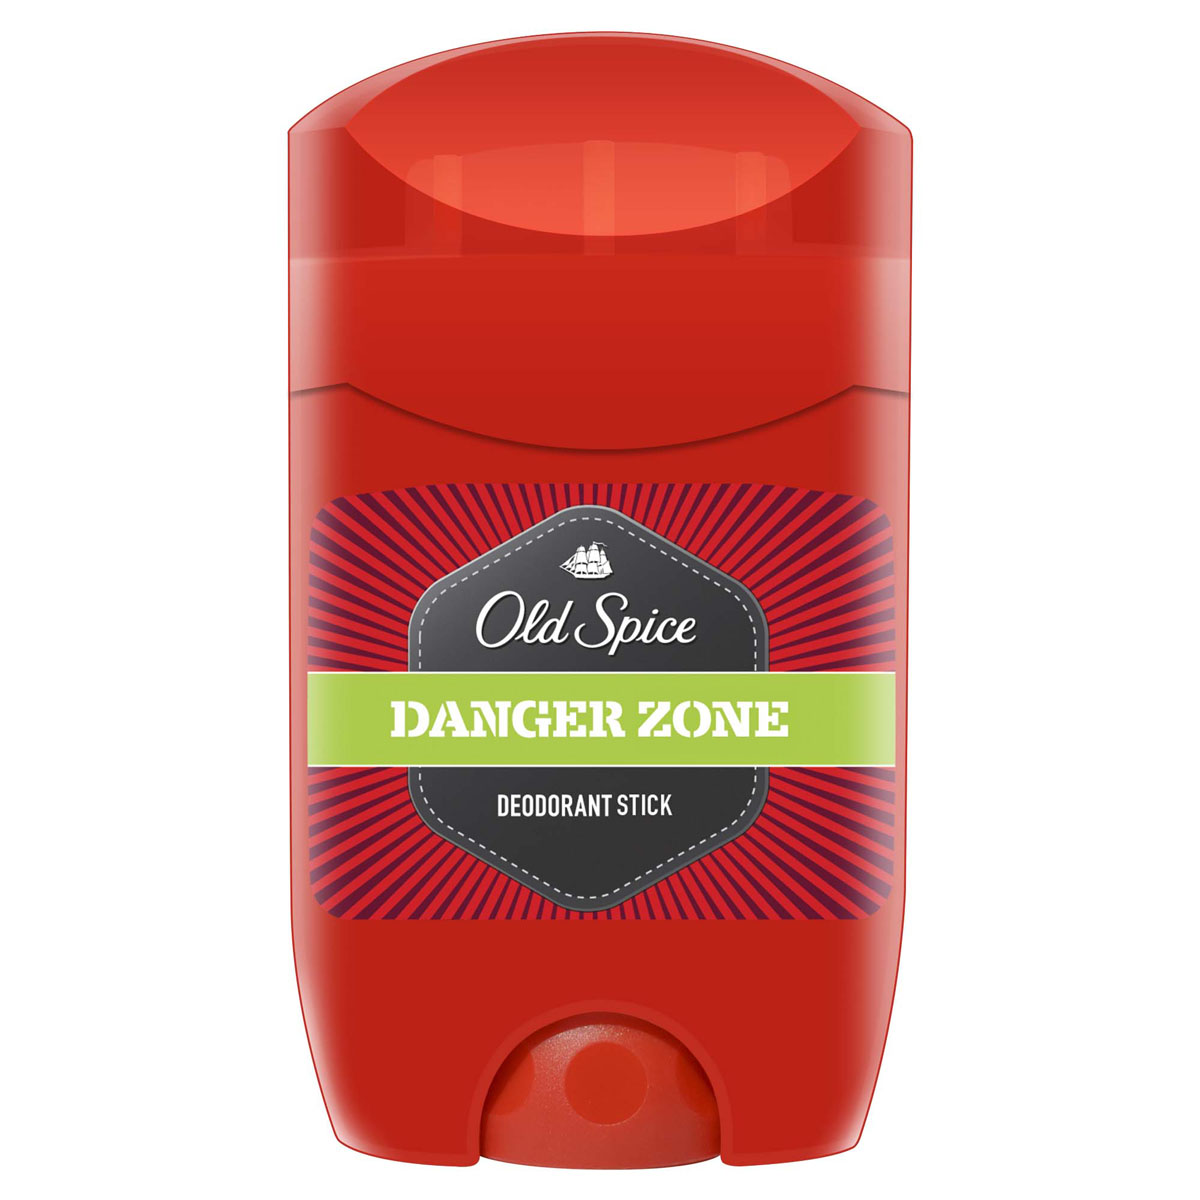 Old Spice Дезодорант-стик Danger Zone, 50 мл дезодорант old spice 125мл old spice дезодорант old spice 125мл